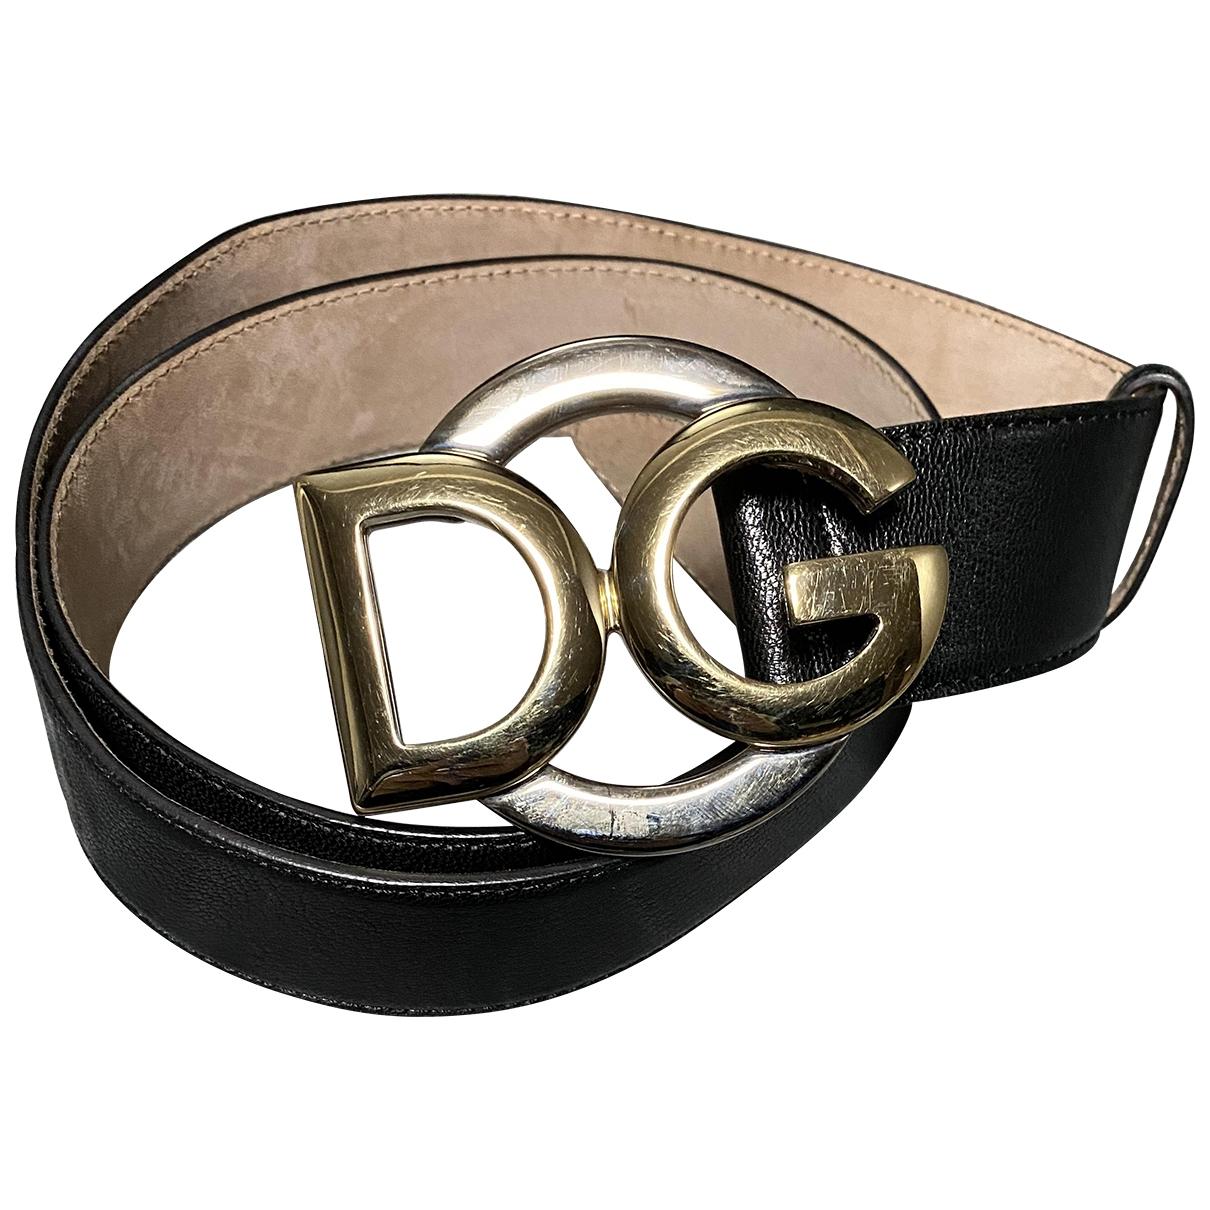 Dolce & Gabbana - Ceinture   pour femme en cuir - noir